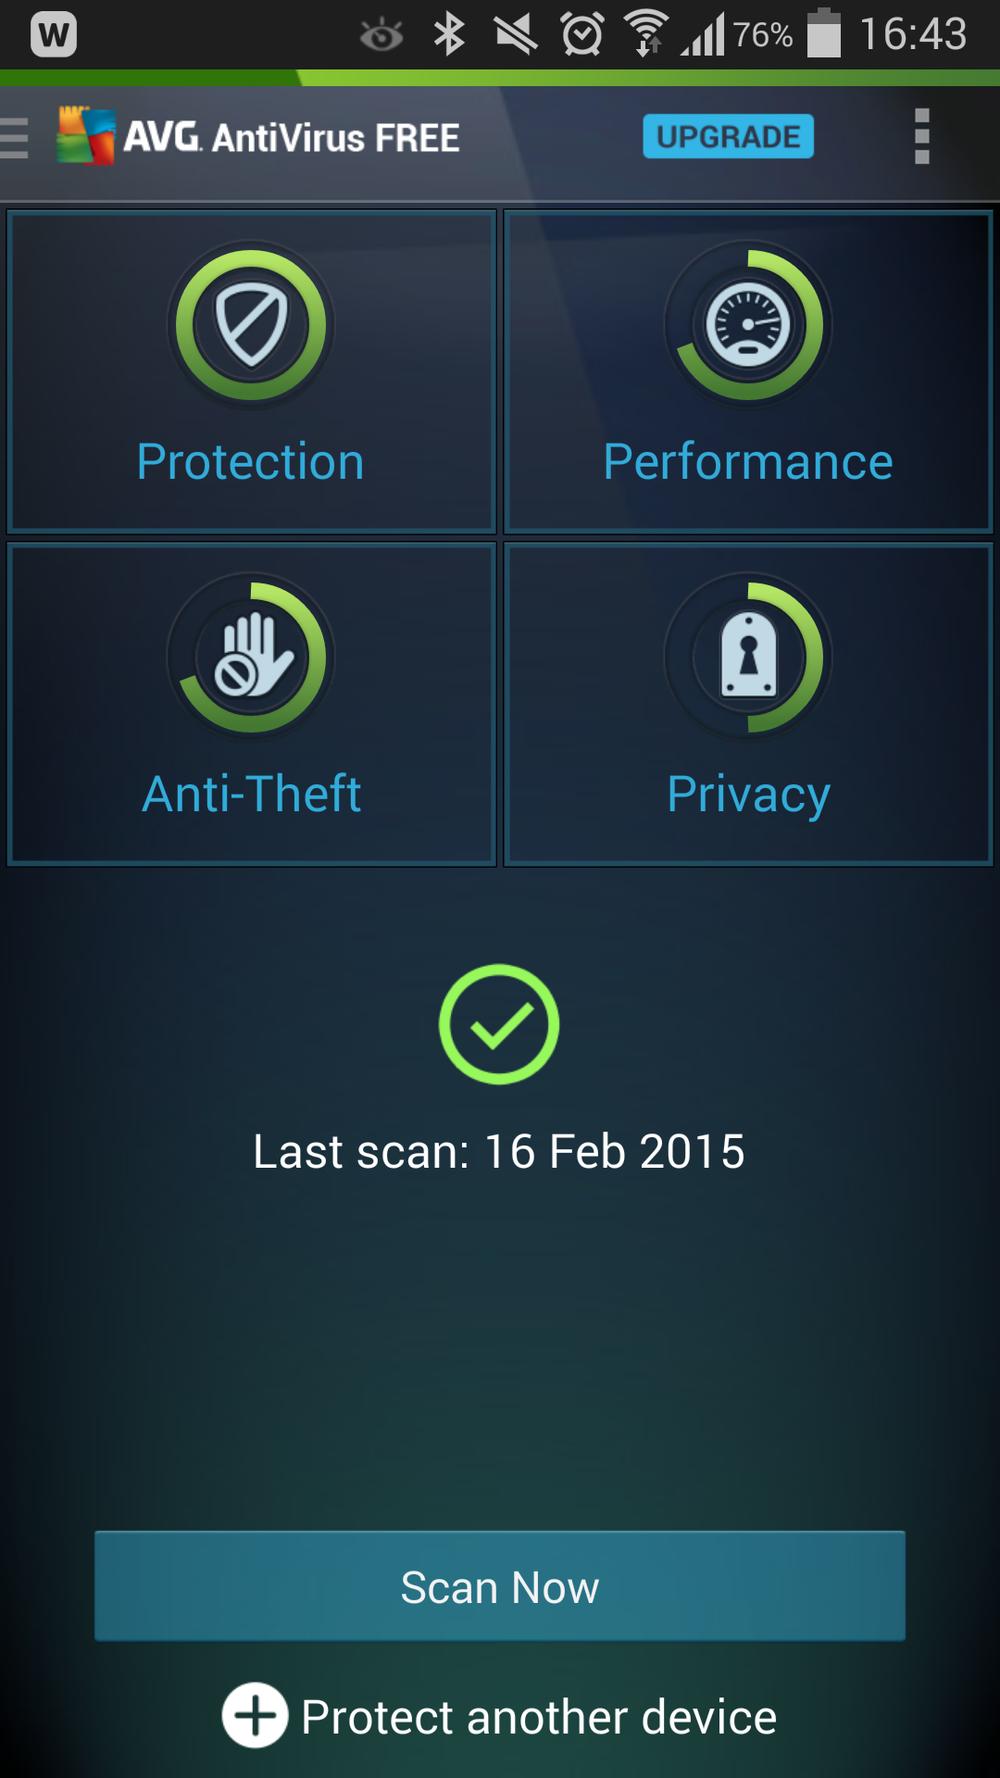 avg-app.jpg